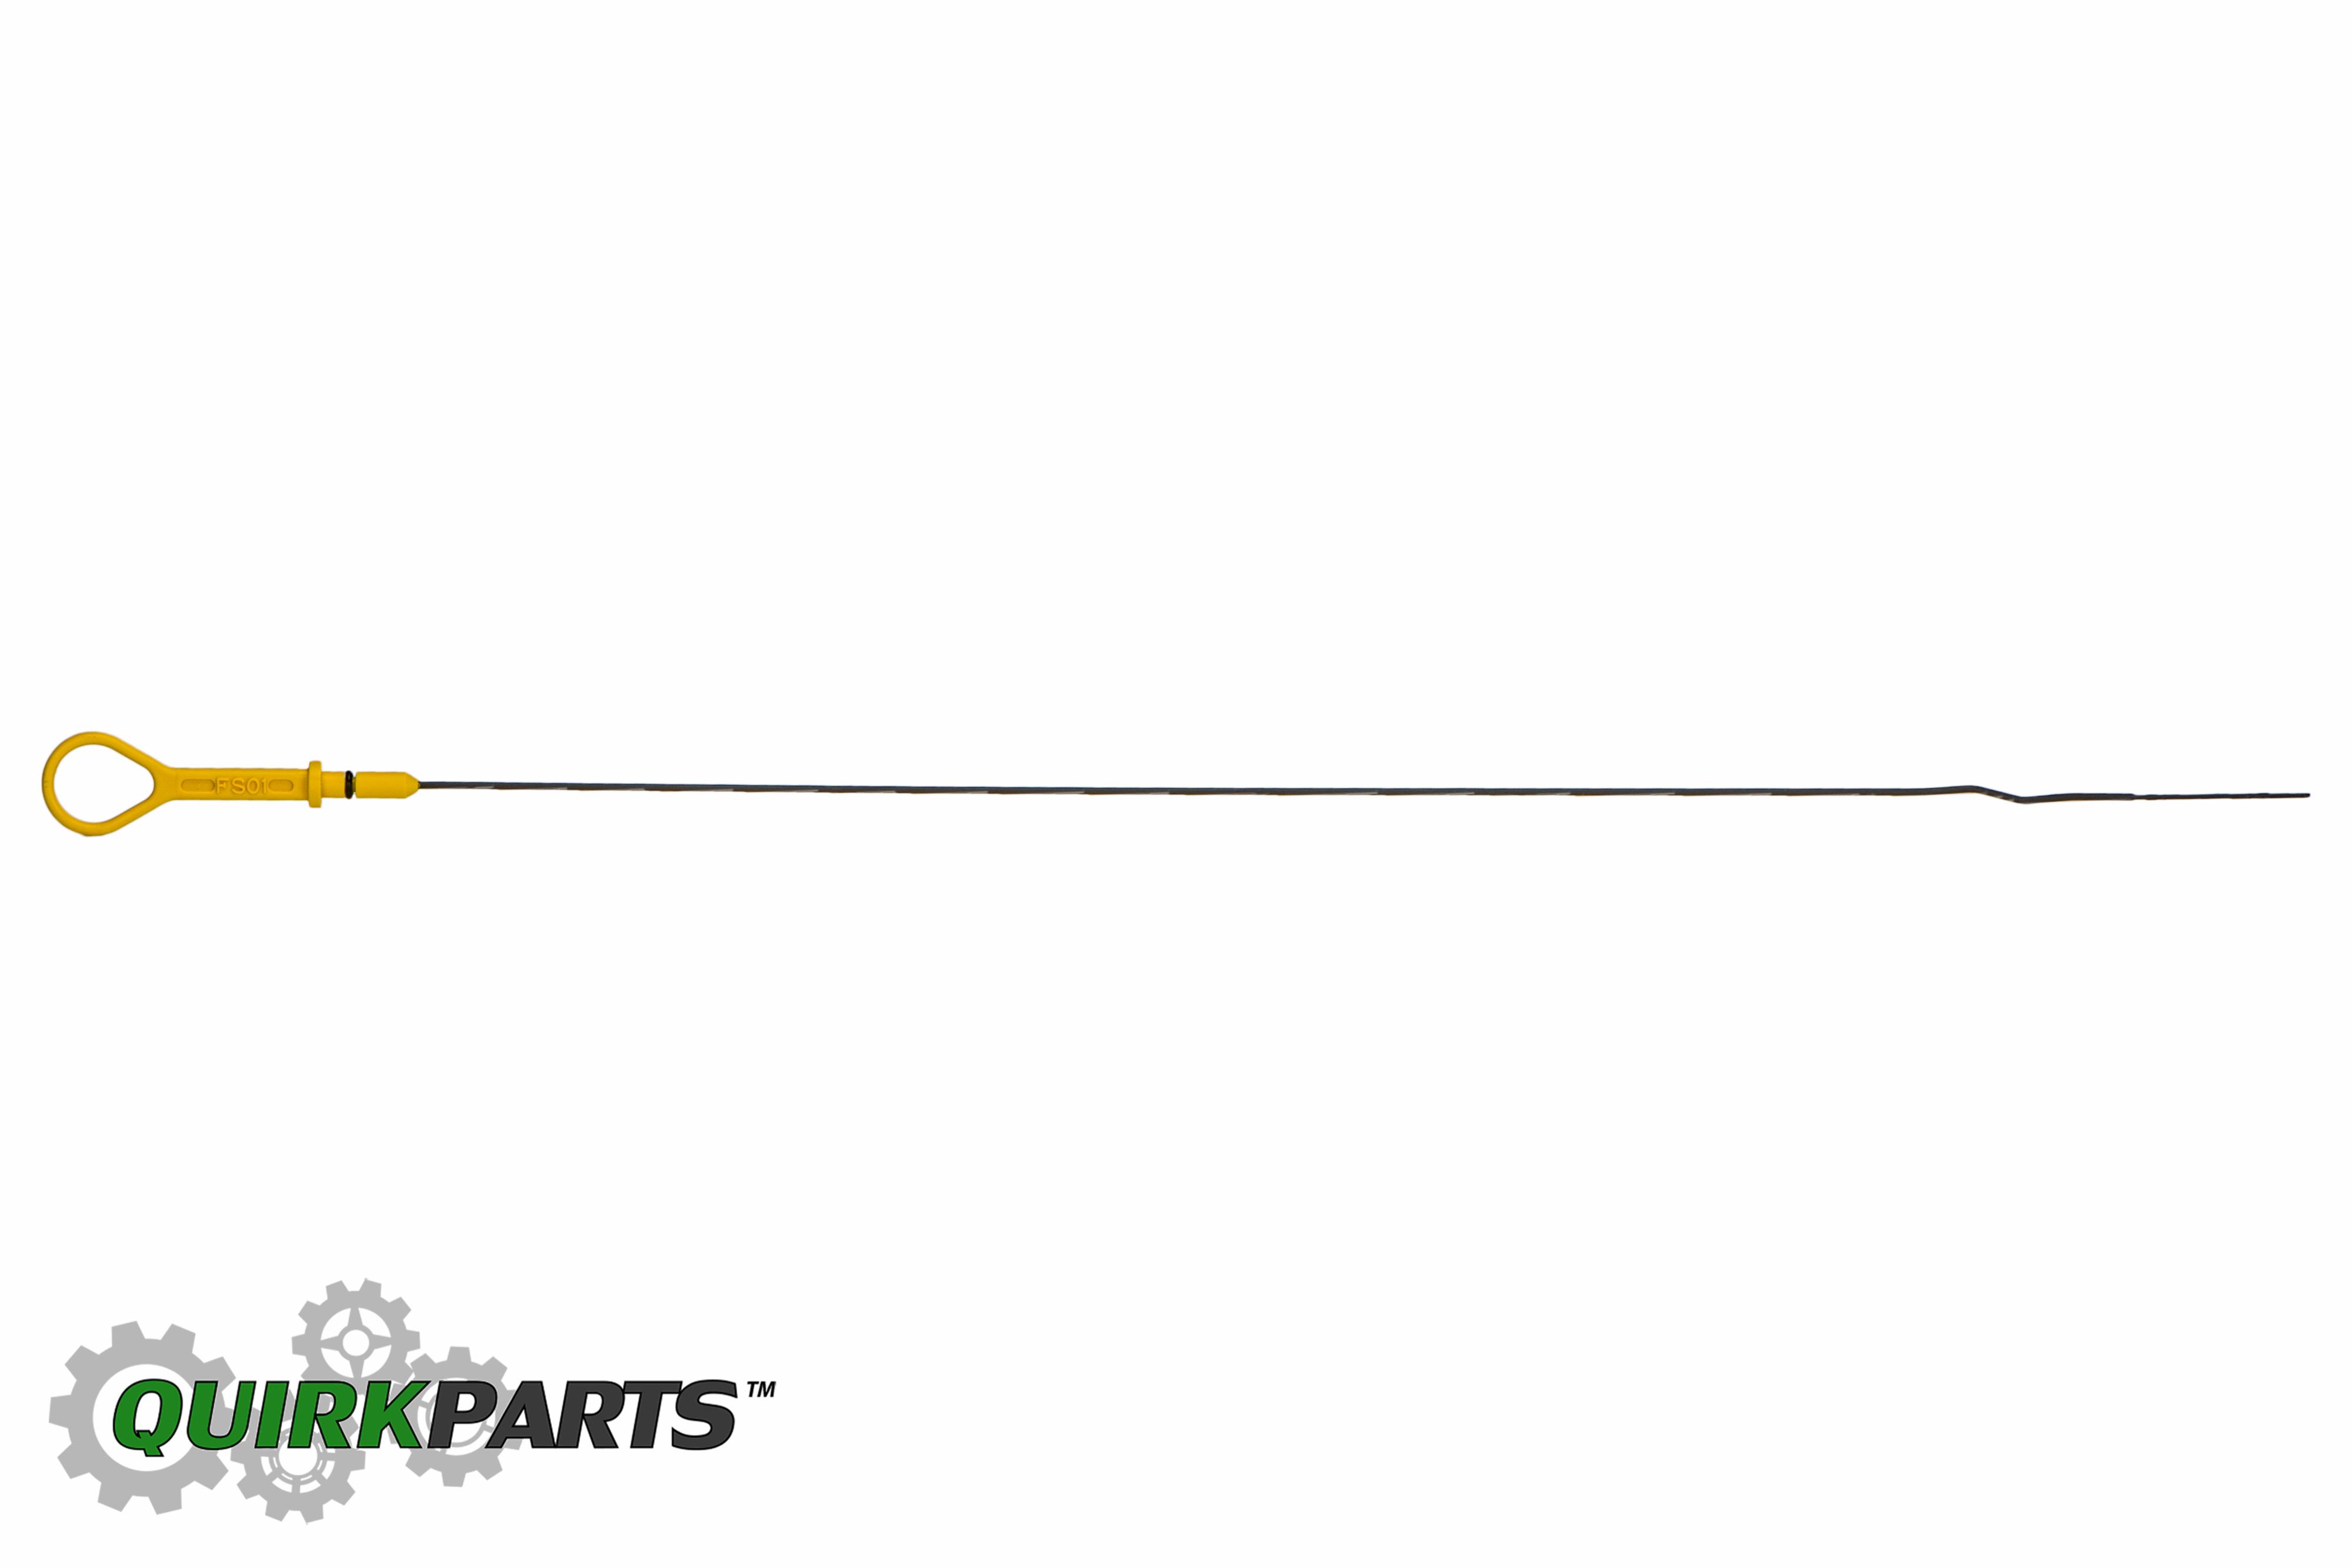 2002 Mazda 626 Engine Diagram Oil Dipstick Data Schema V6 Mx6 Protege Protege5 1 8l 2 0l